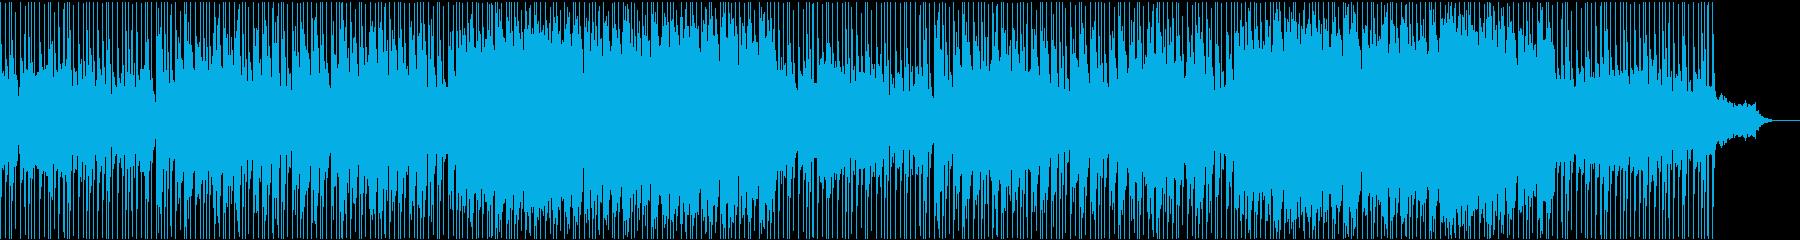 キラキラ・綺麗・星空・ロマンチックの再生済みの波形